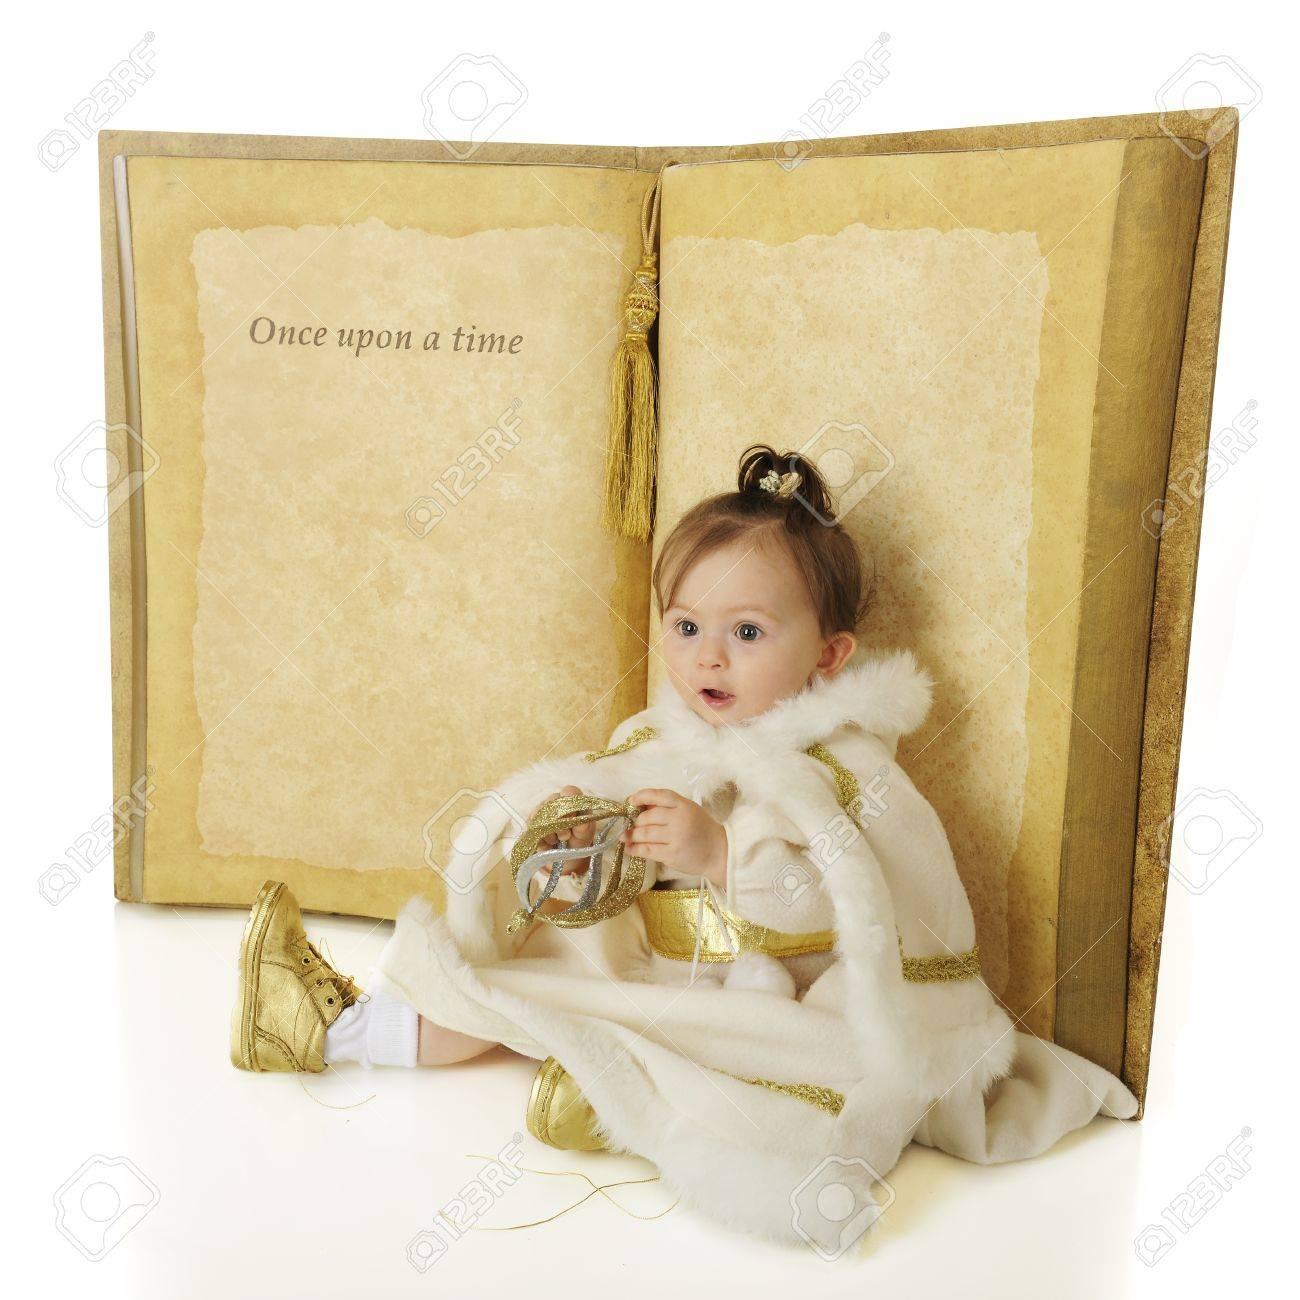 Un Adorable Bebe Snow Princess Assis Devant Un Livre Geant Ouvert A Une Page Qui Dit Il Etait Une Fois Le Reste Est Laisse Vide Pour Votre